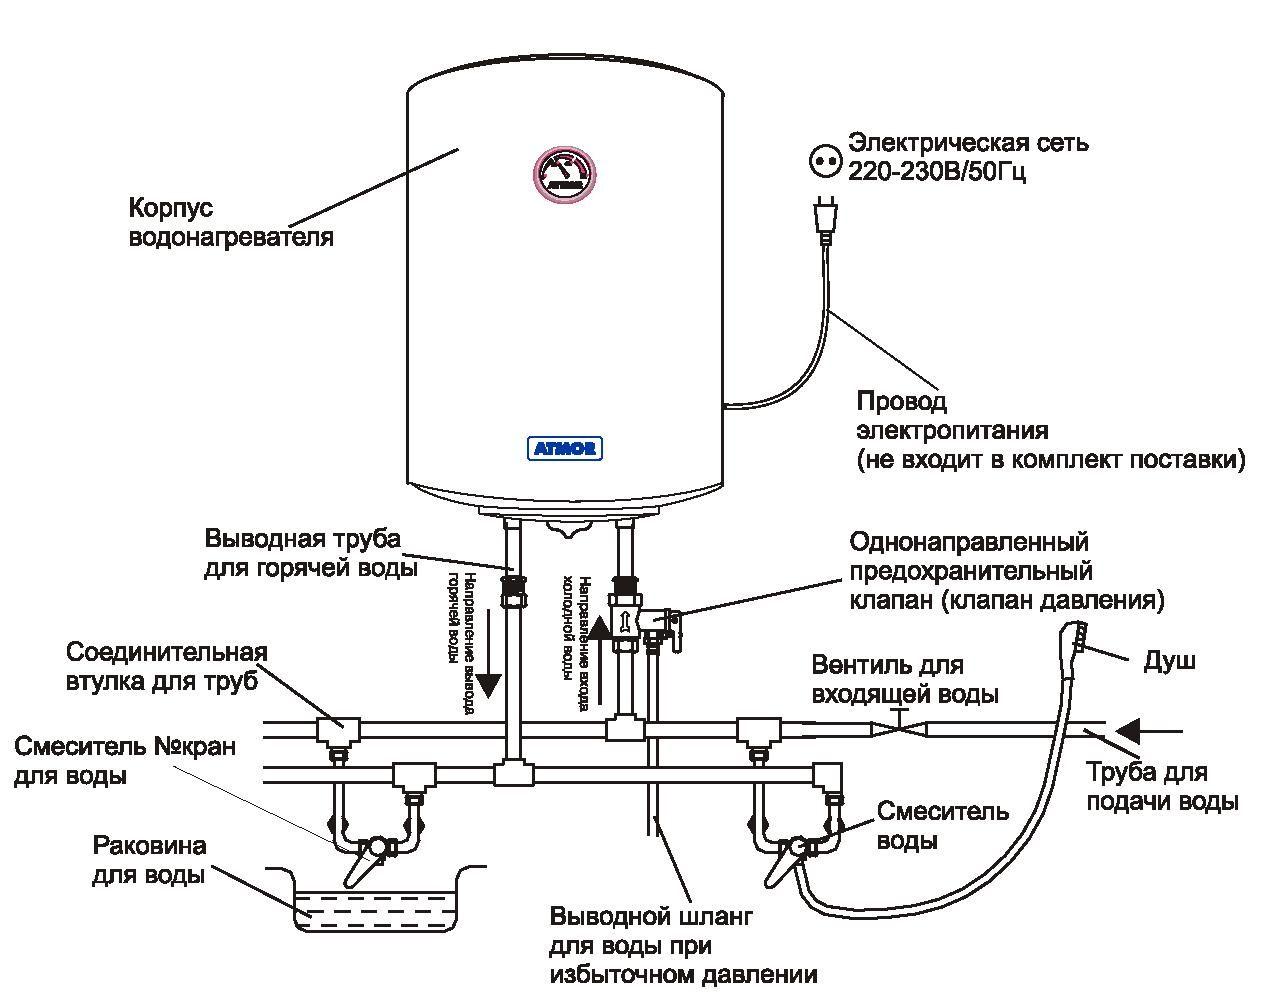 Схема стикування поліпропіленових труб для внутрішньої каналізації